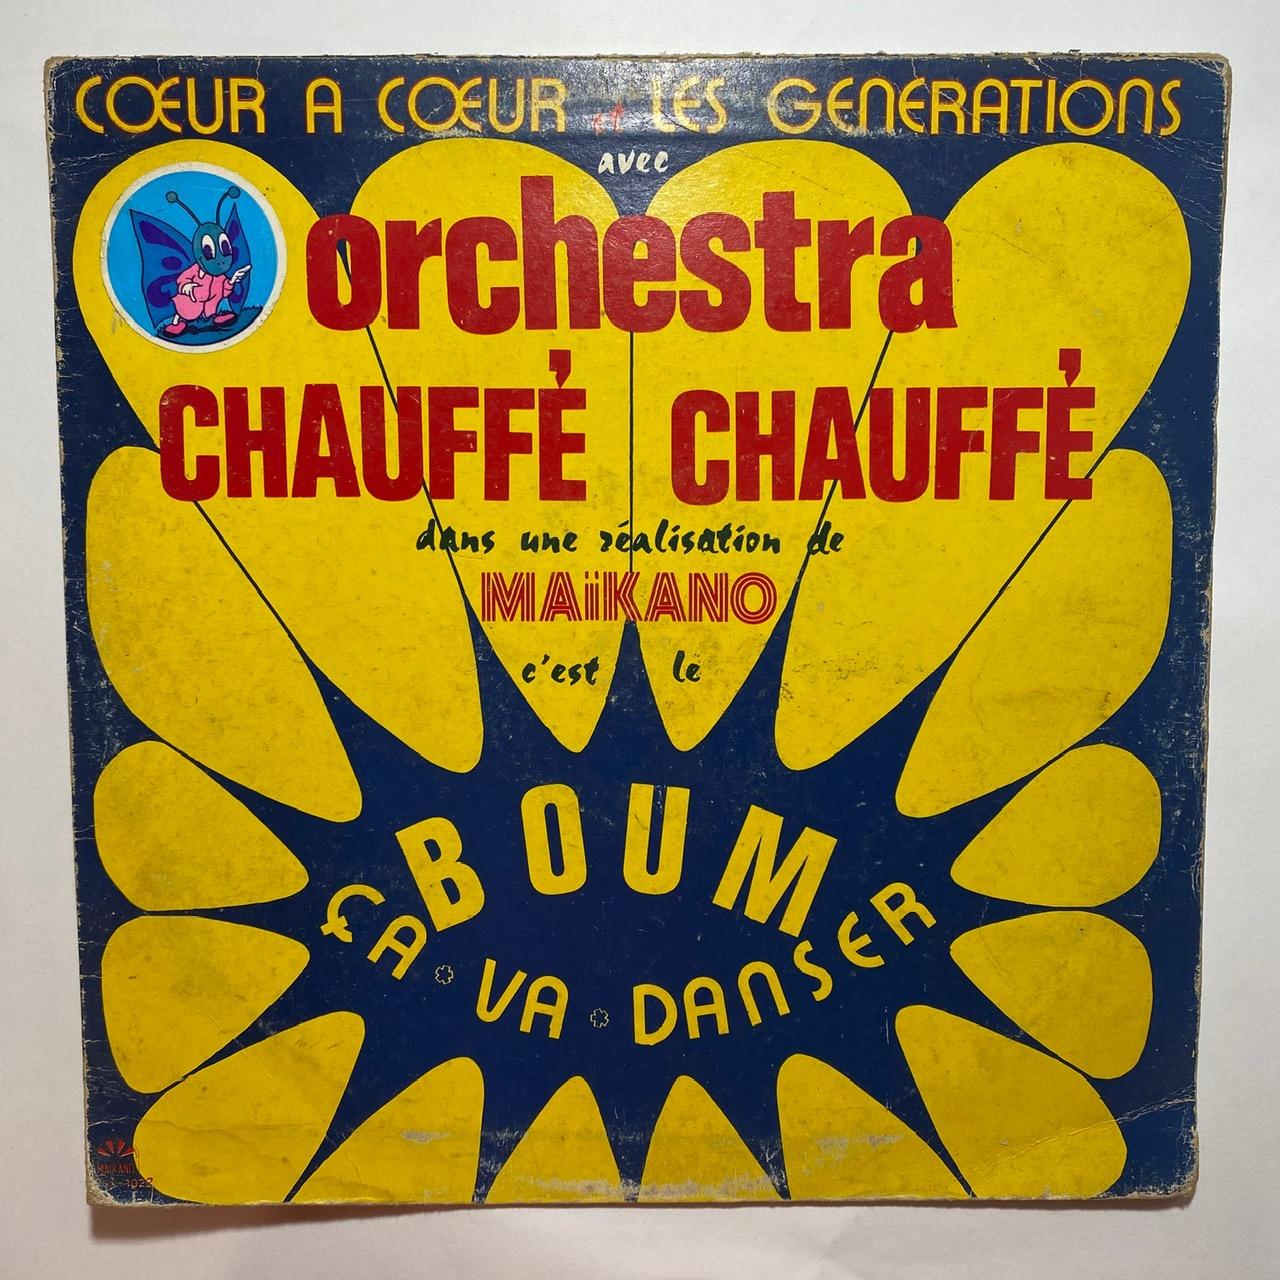 ORCHESTRA CHAUFFE CHAUFFE - CÏur a cÏur - LP